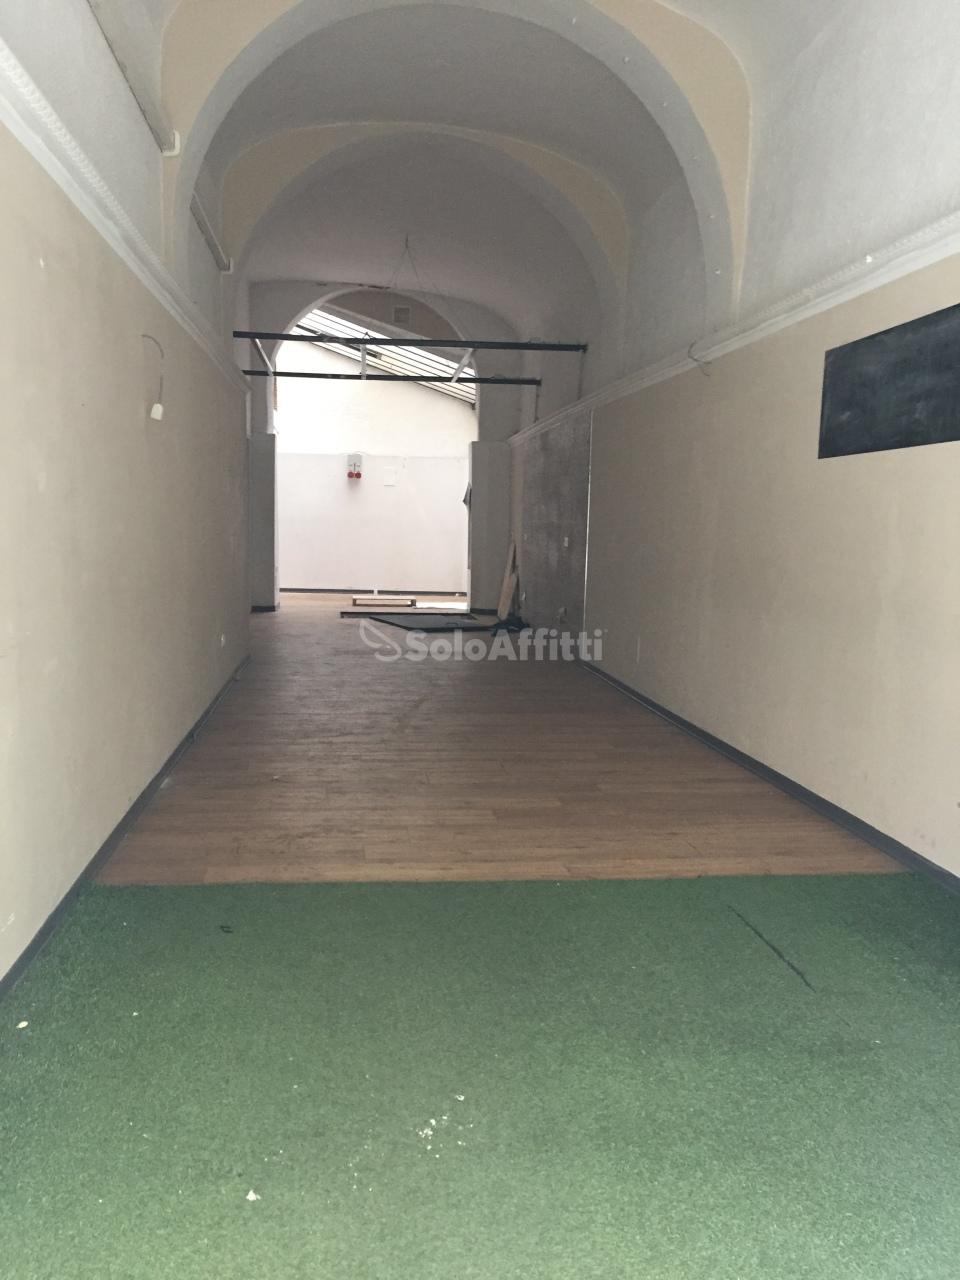 Fondo/negozio - 1 vetrina/luce a Centro Storico, Firenze Rif. 10172894